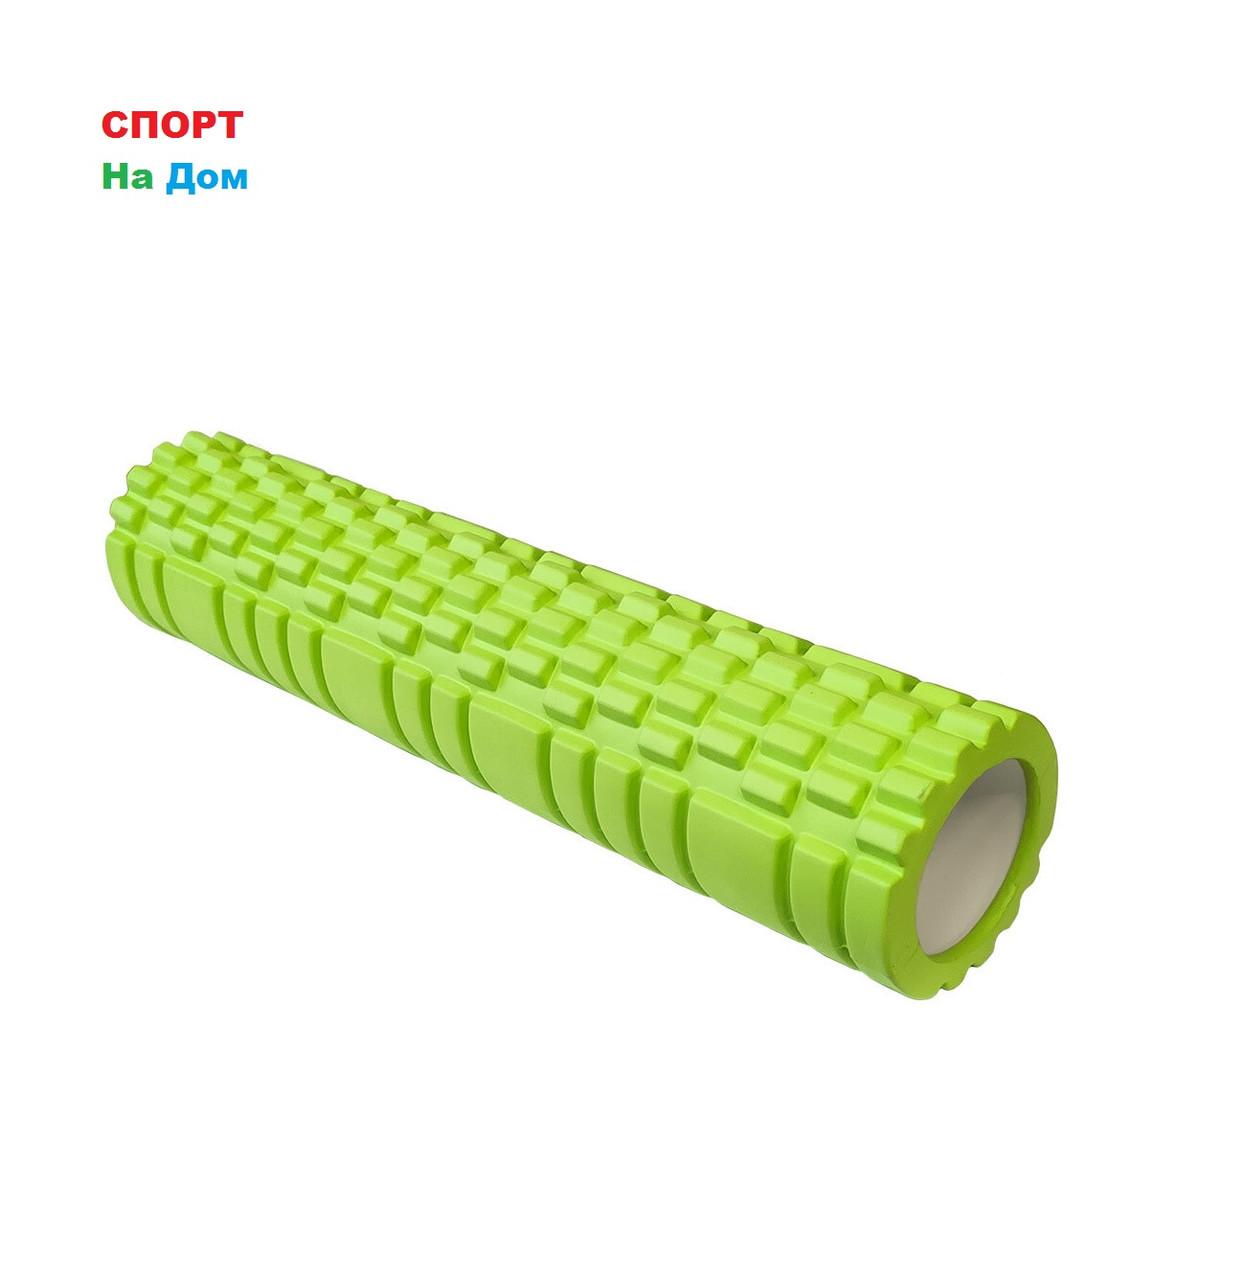 Массажный валик (ролик) для фитнеса и йоги 62 см (цвет зеленый)